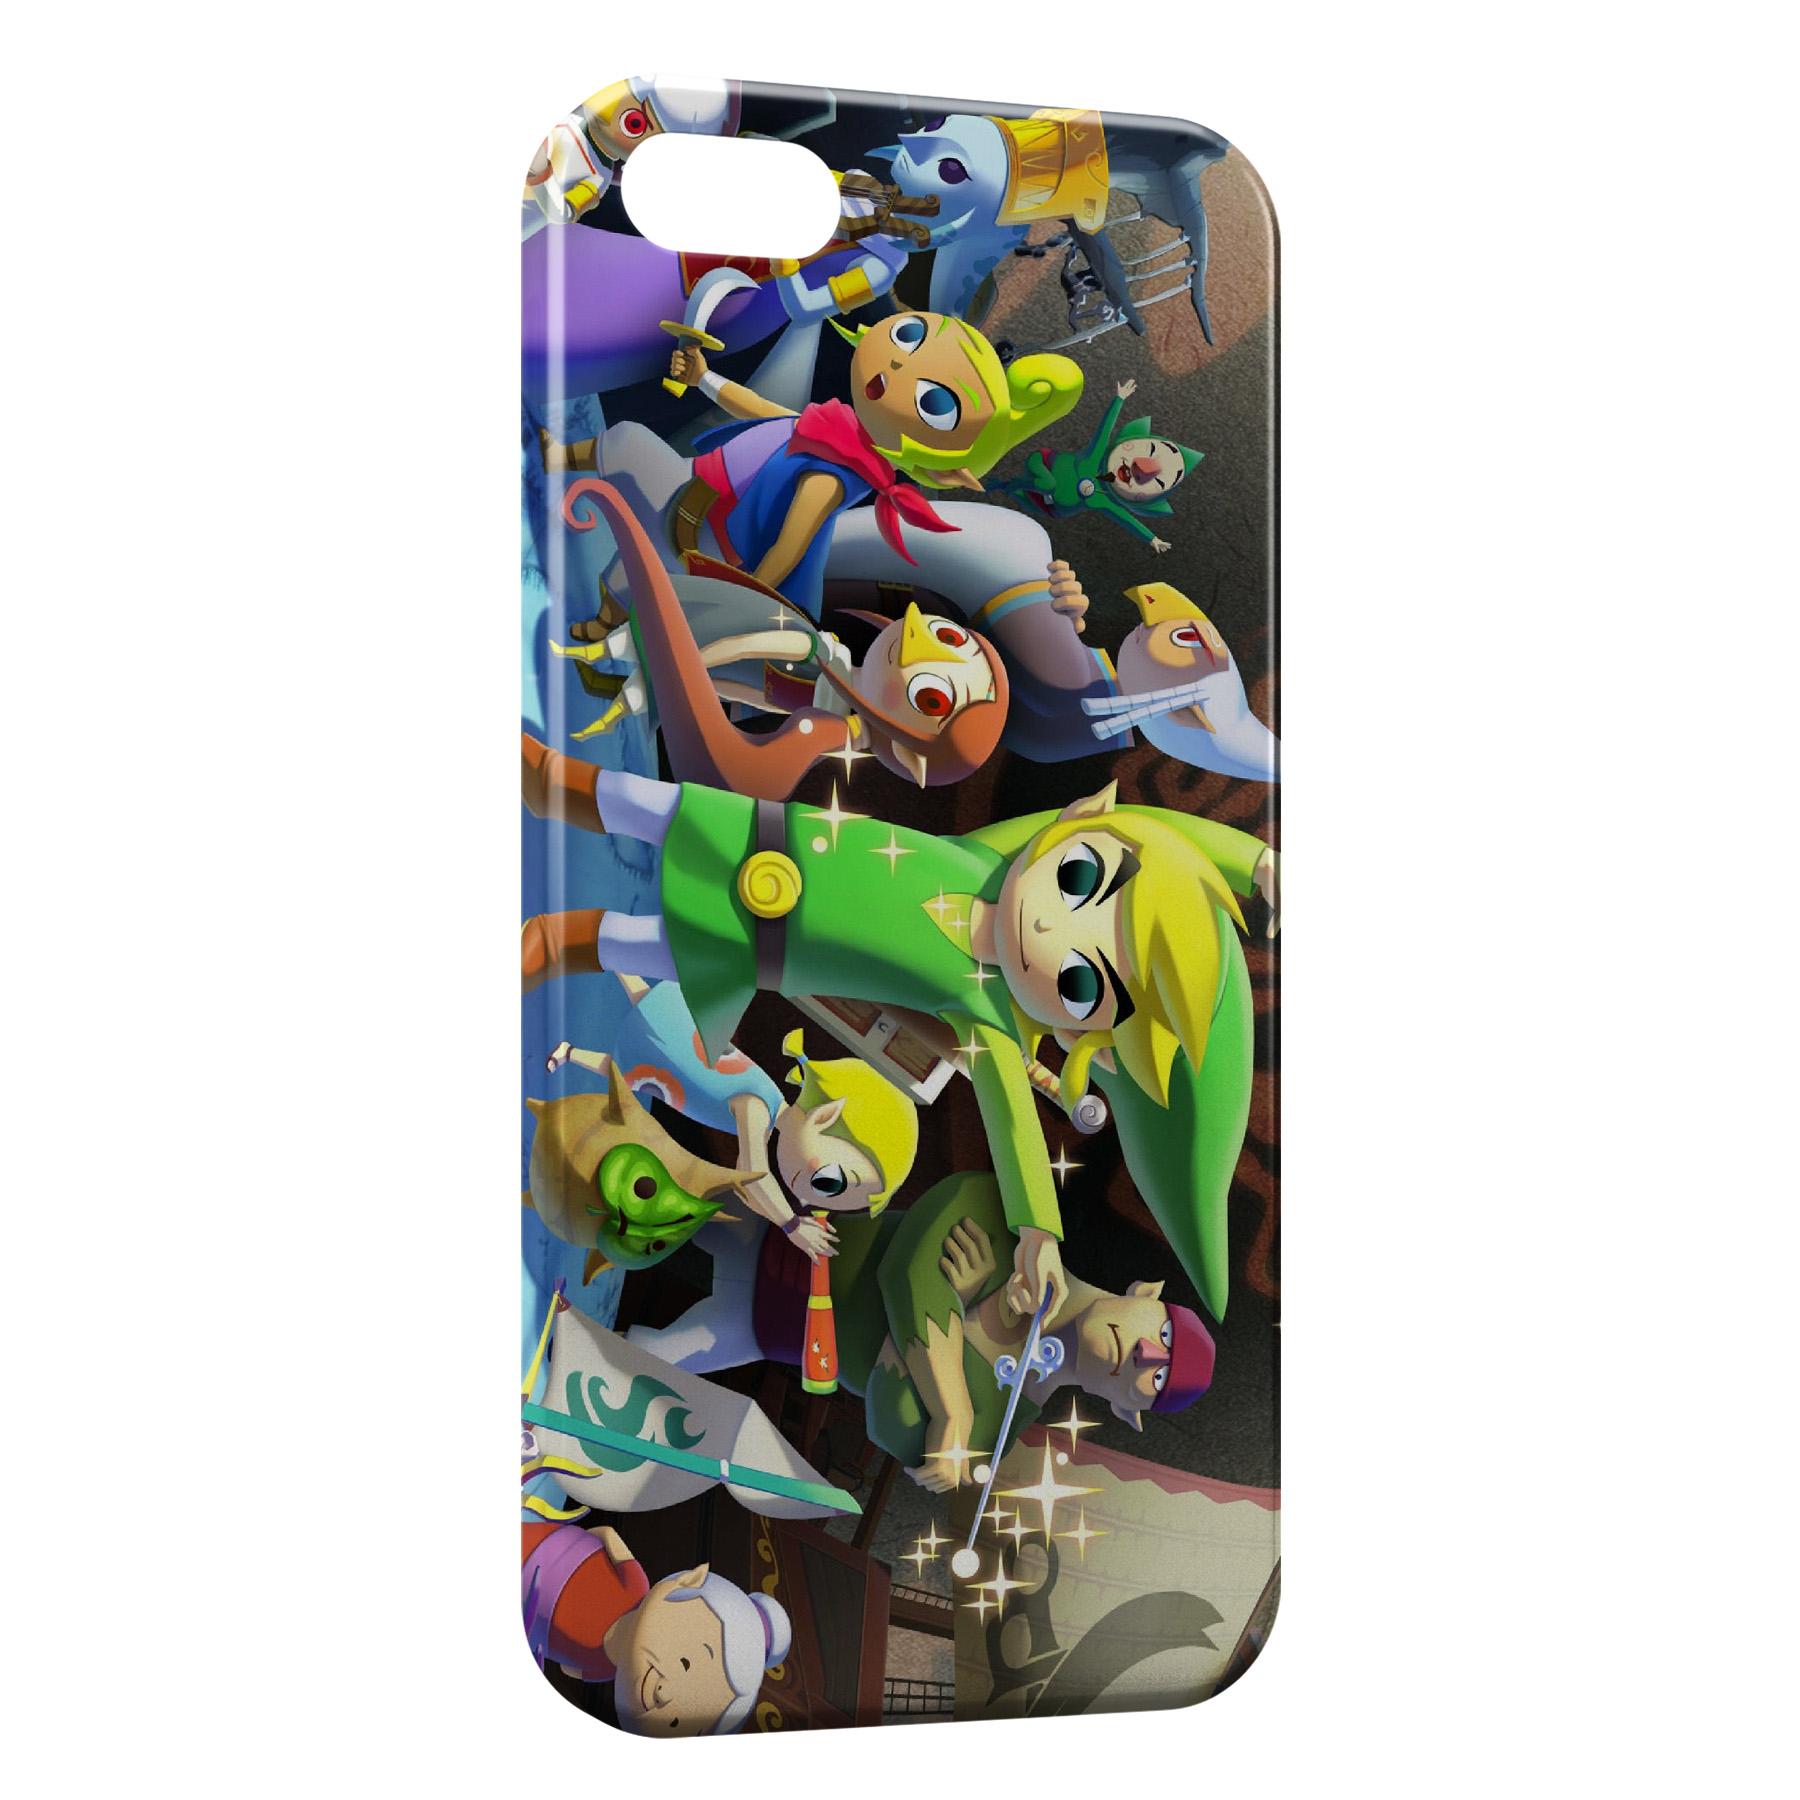 coque zelda iphone 6